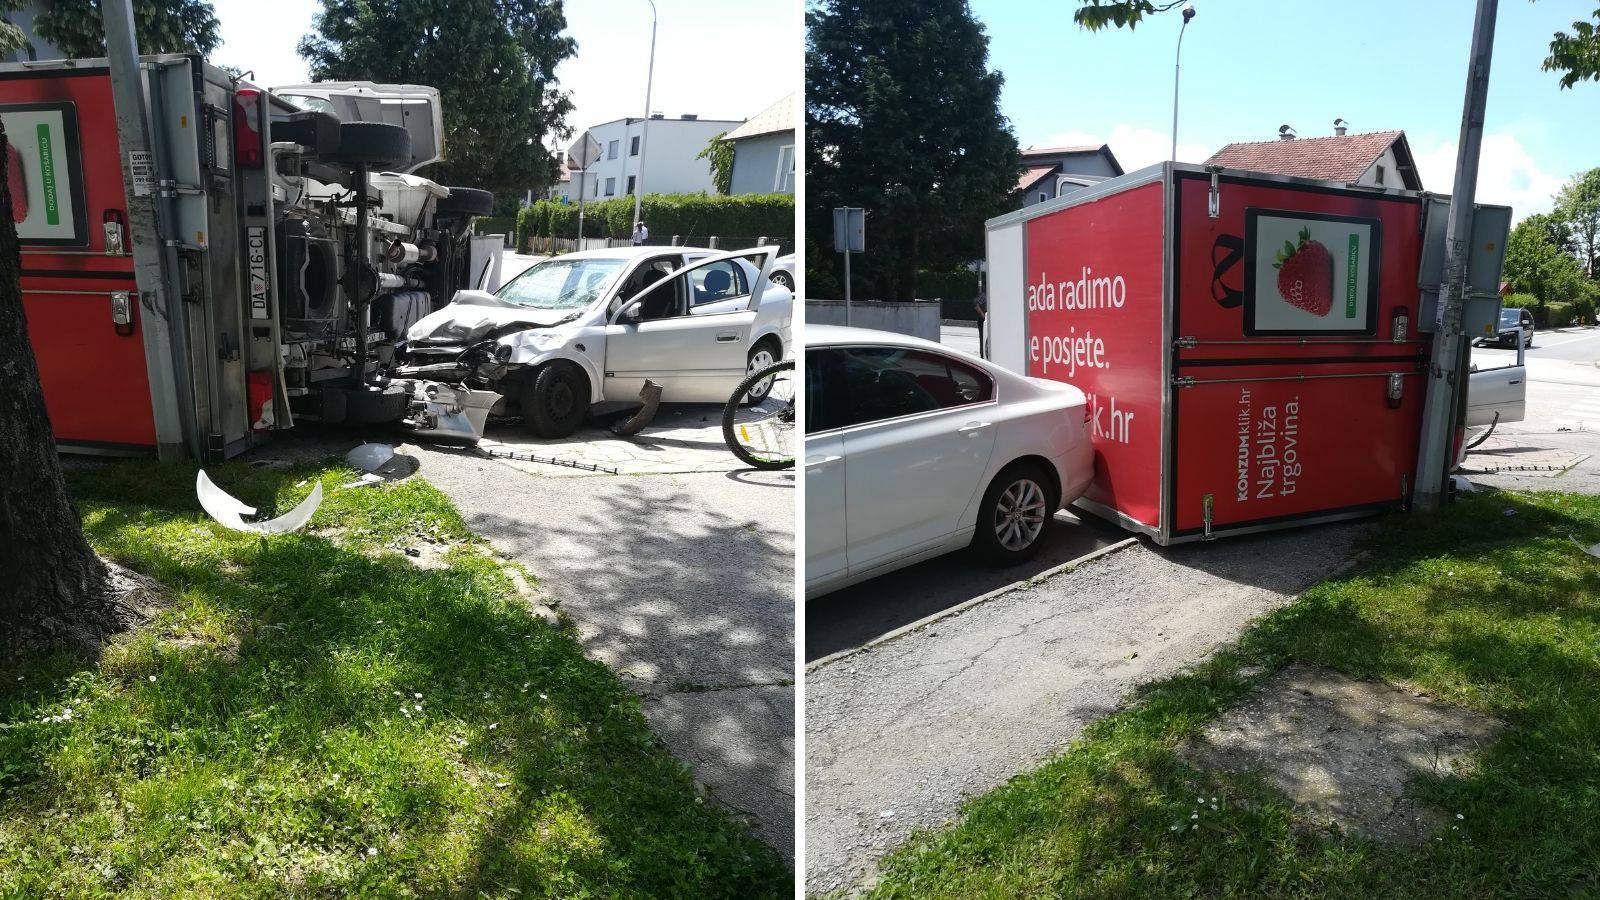 Dvoje ljudi ozlijeđeno u sudaru dostavnog vozila i automobila